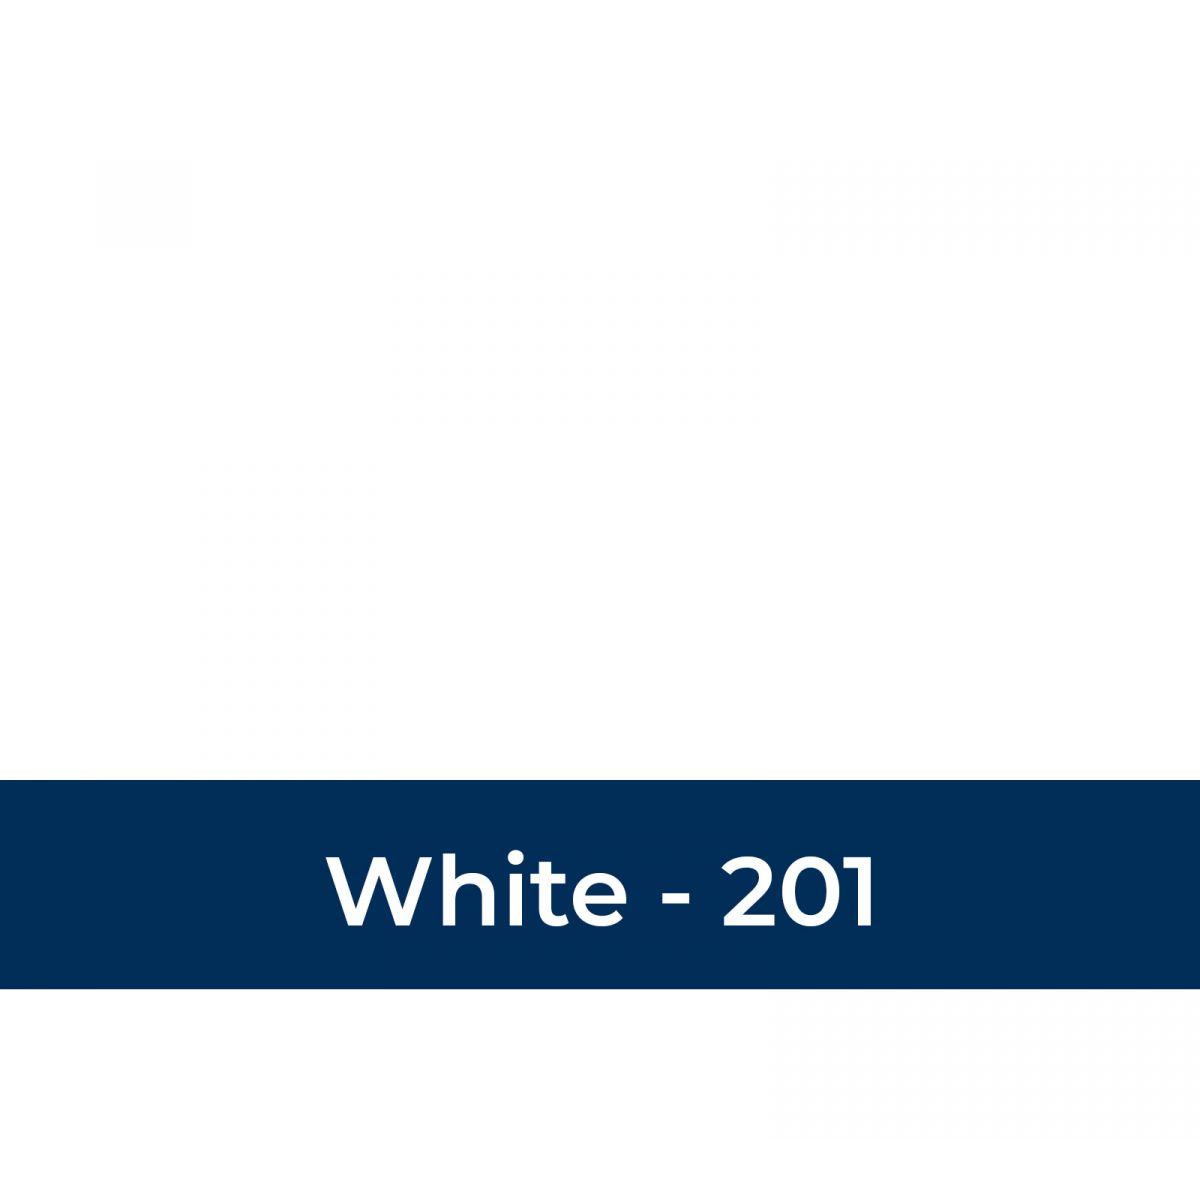 Allmark White 201